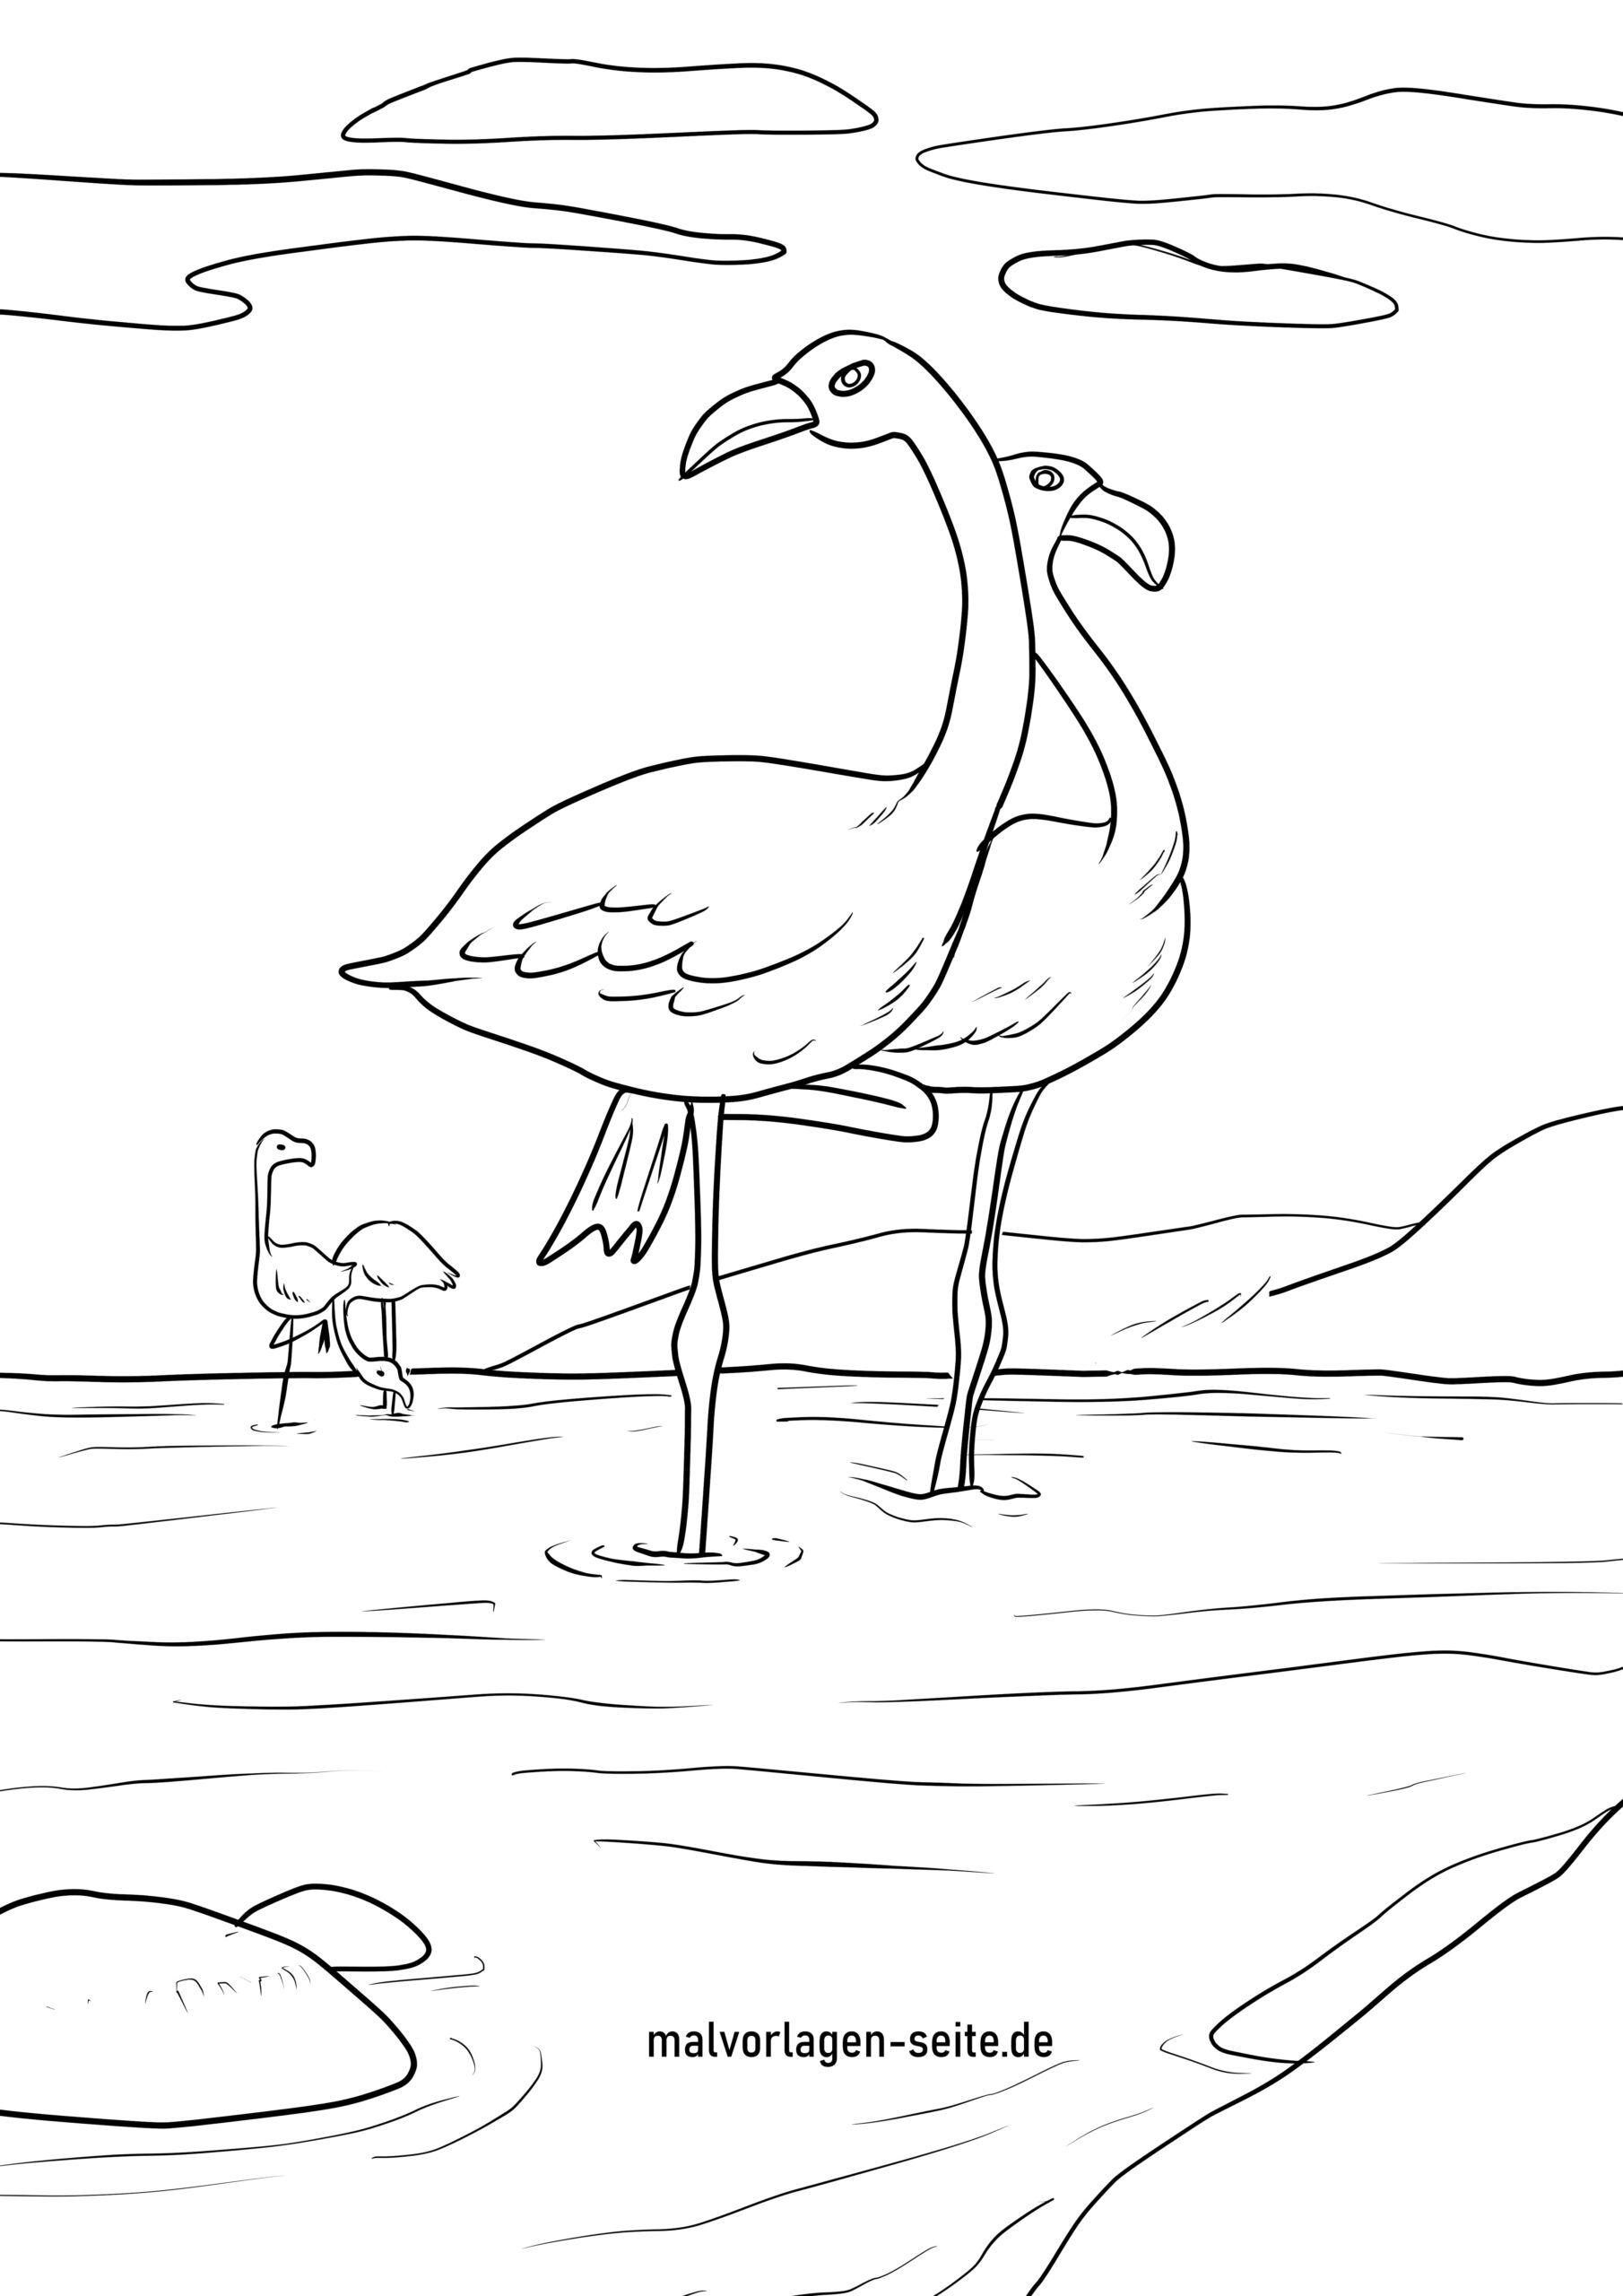 Tolle Malvorlage Flamingo - Vögel - Kostenlose Ausmalbilder